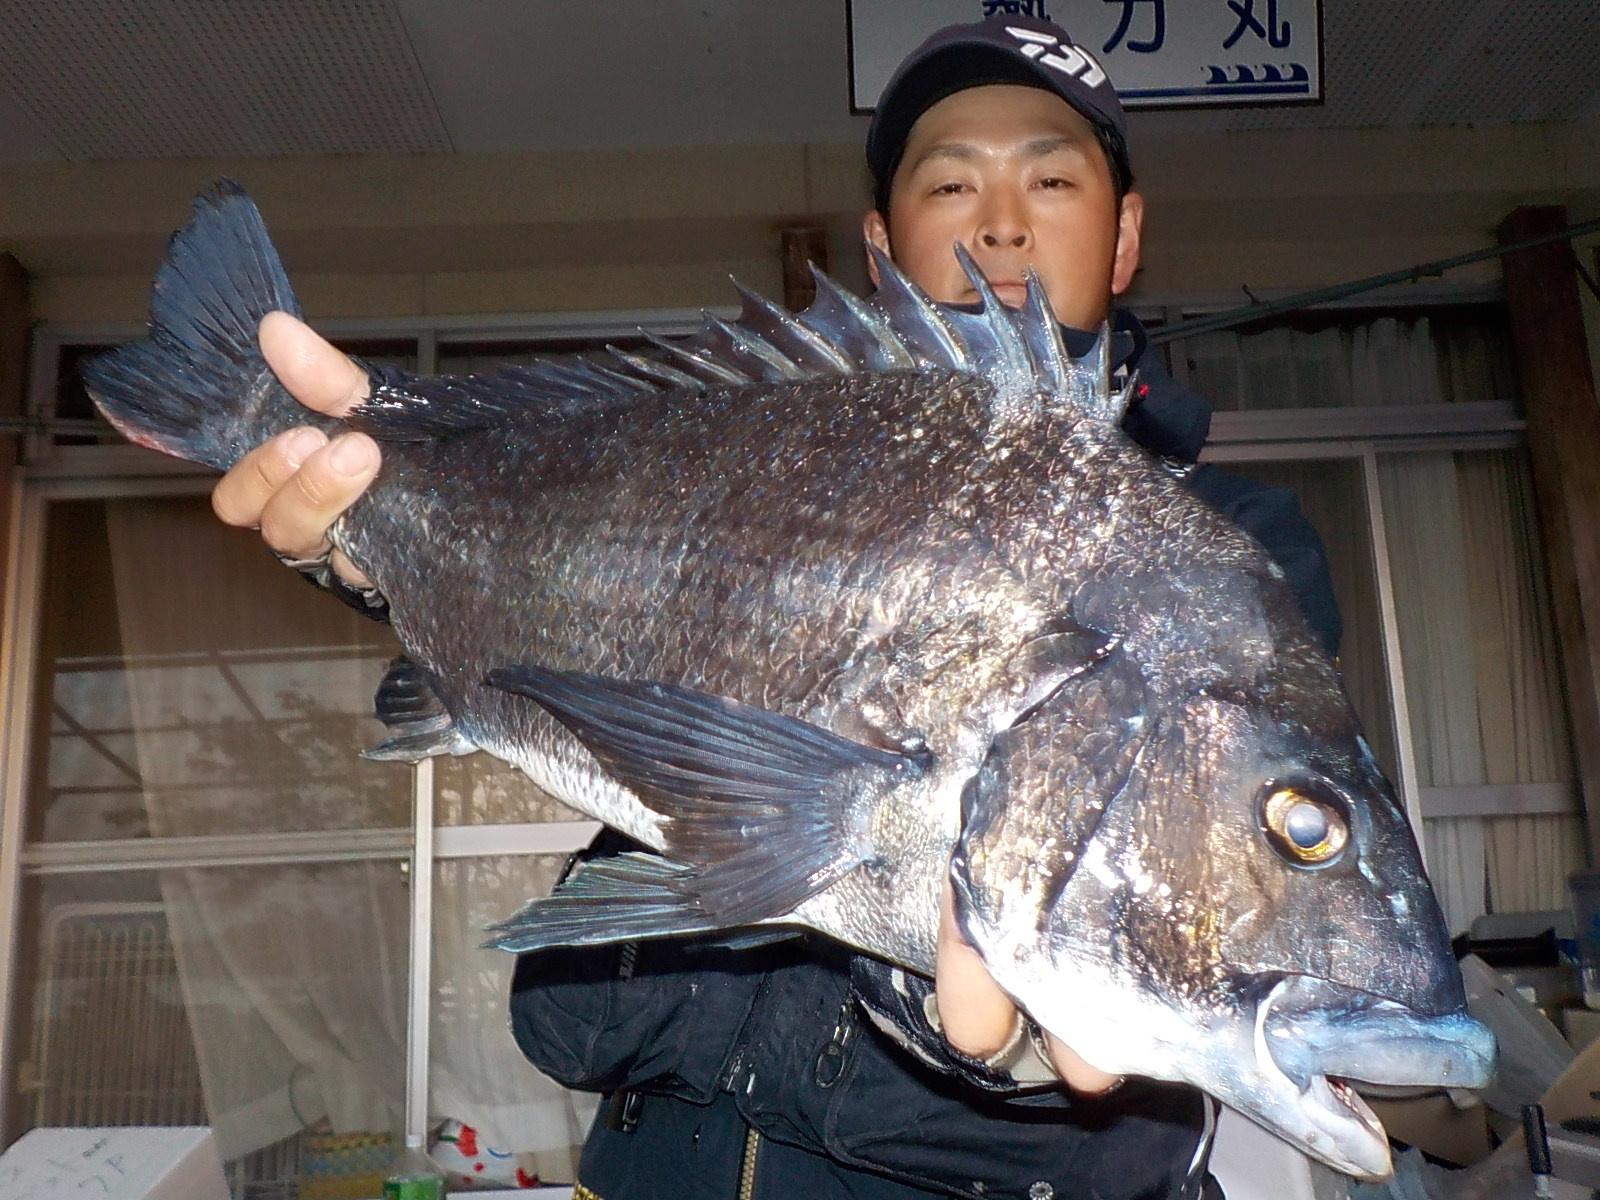 4月28日 磯釣りで辻さん ガバチヌ54㎝を頭に5匹